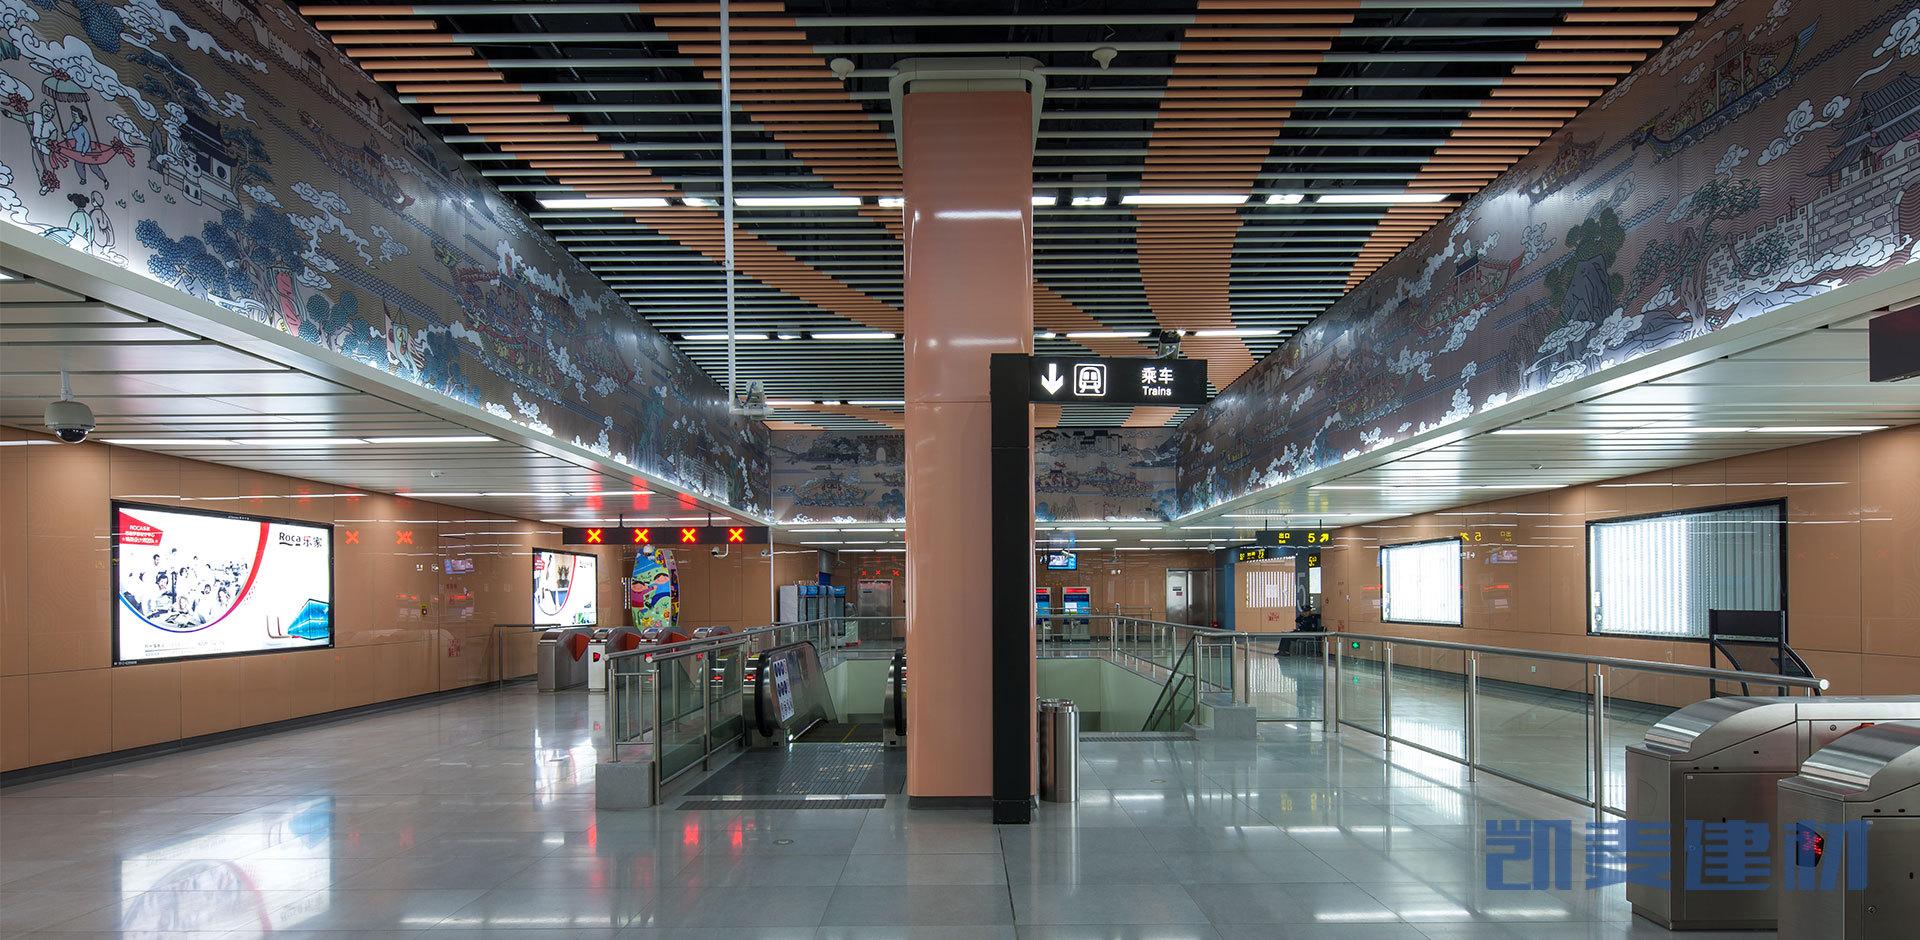 地铁站吊顶铝圆管